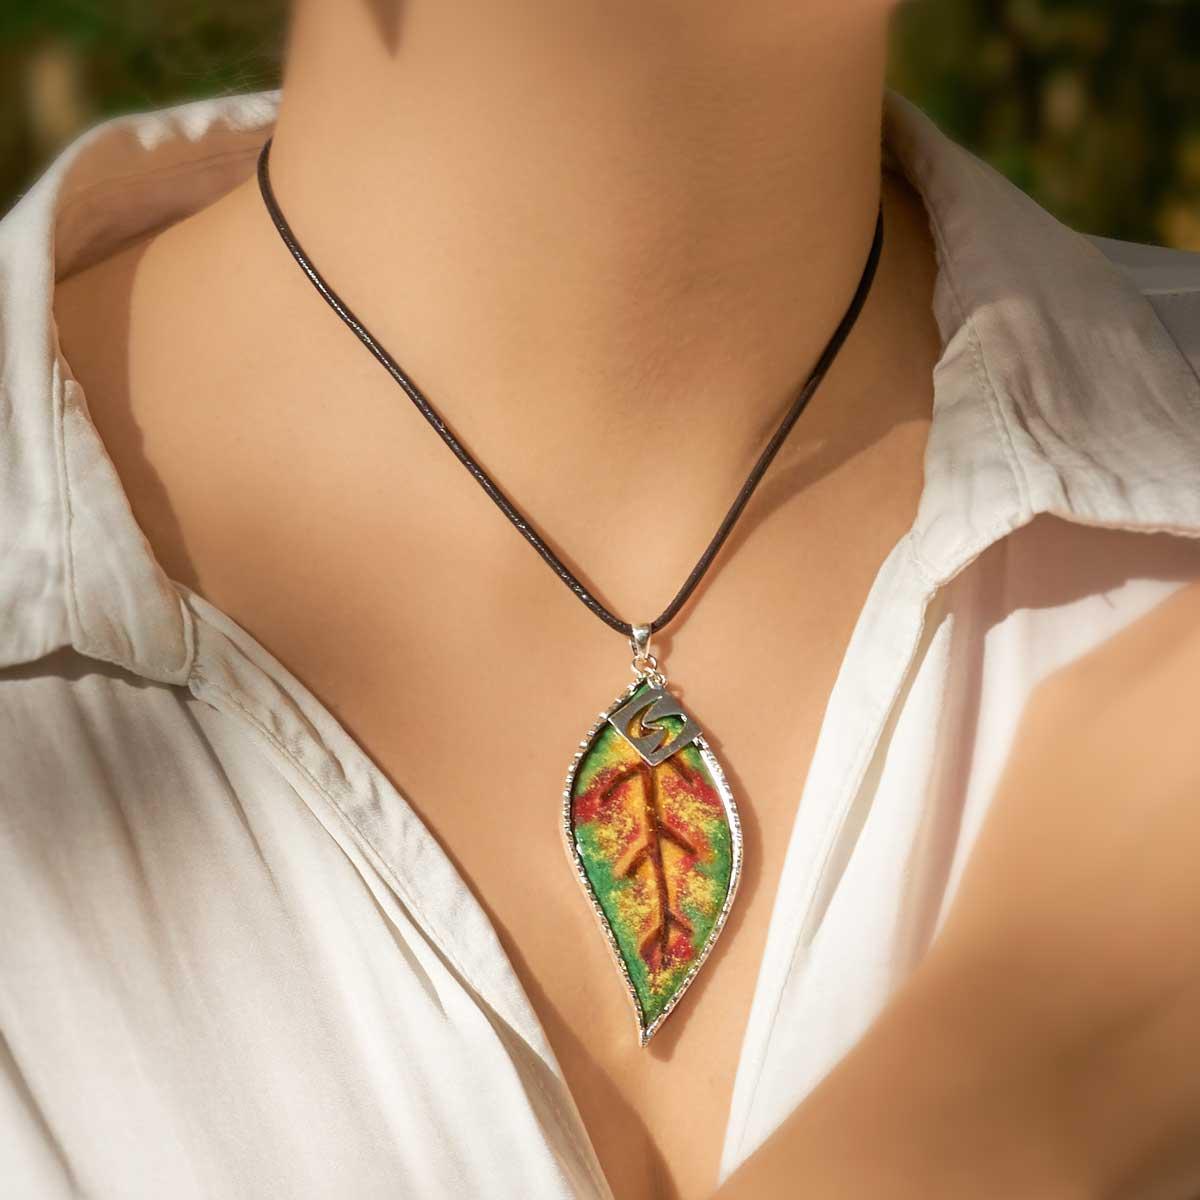 Colgante de hoja esmaltada y plata artesanal, modelo Loureiro, Joyas Siliva.